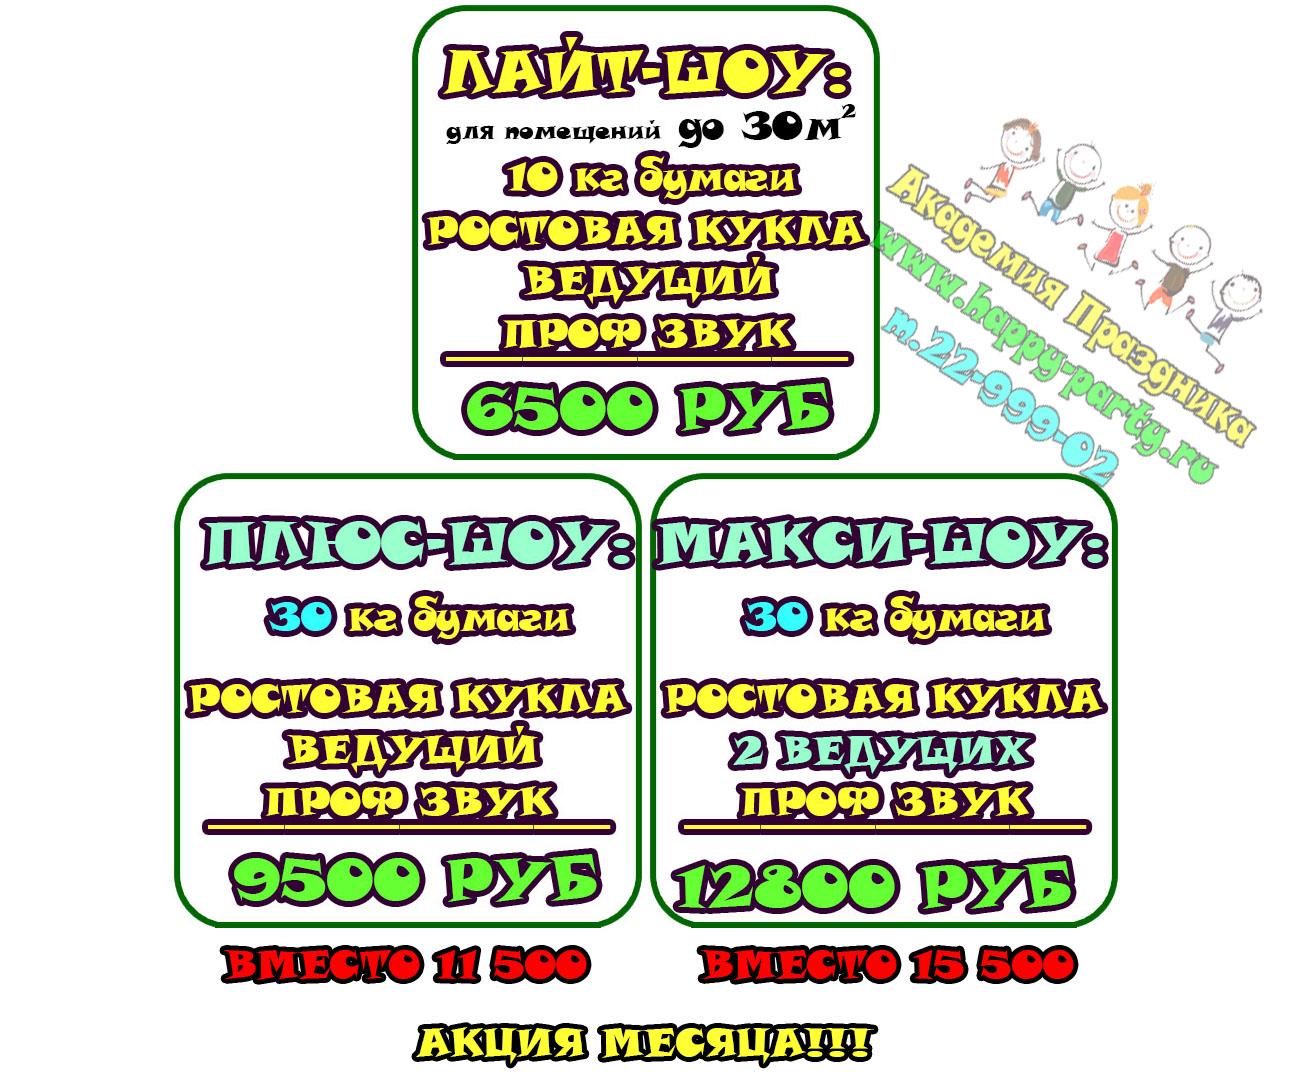 Цены Бумажное шоу в Ростове-на-Дону